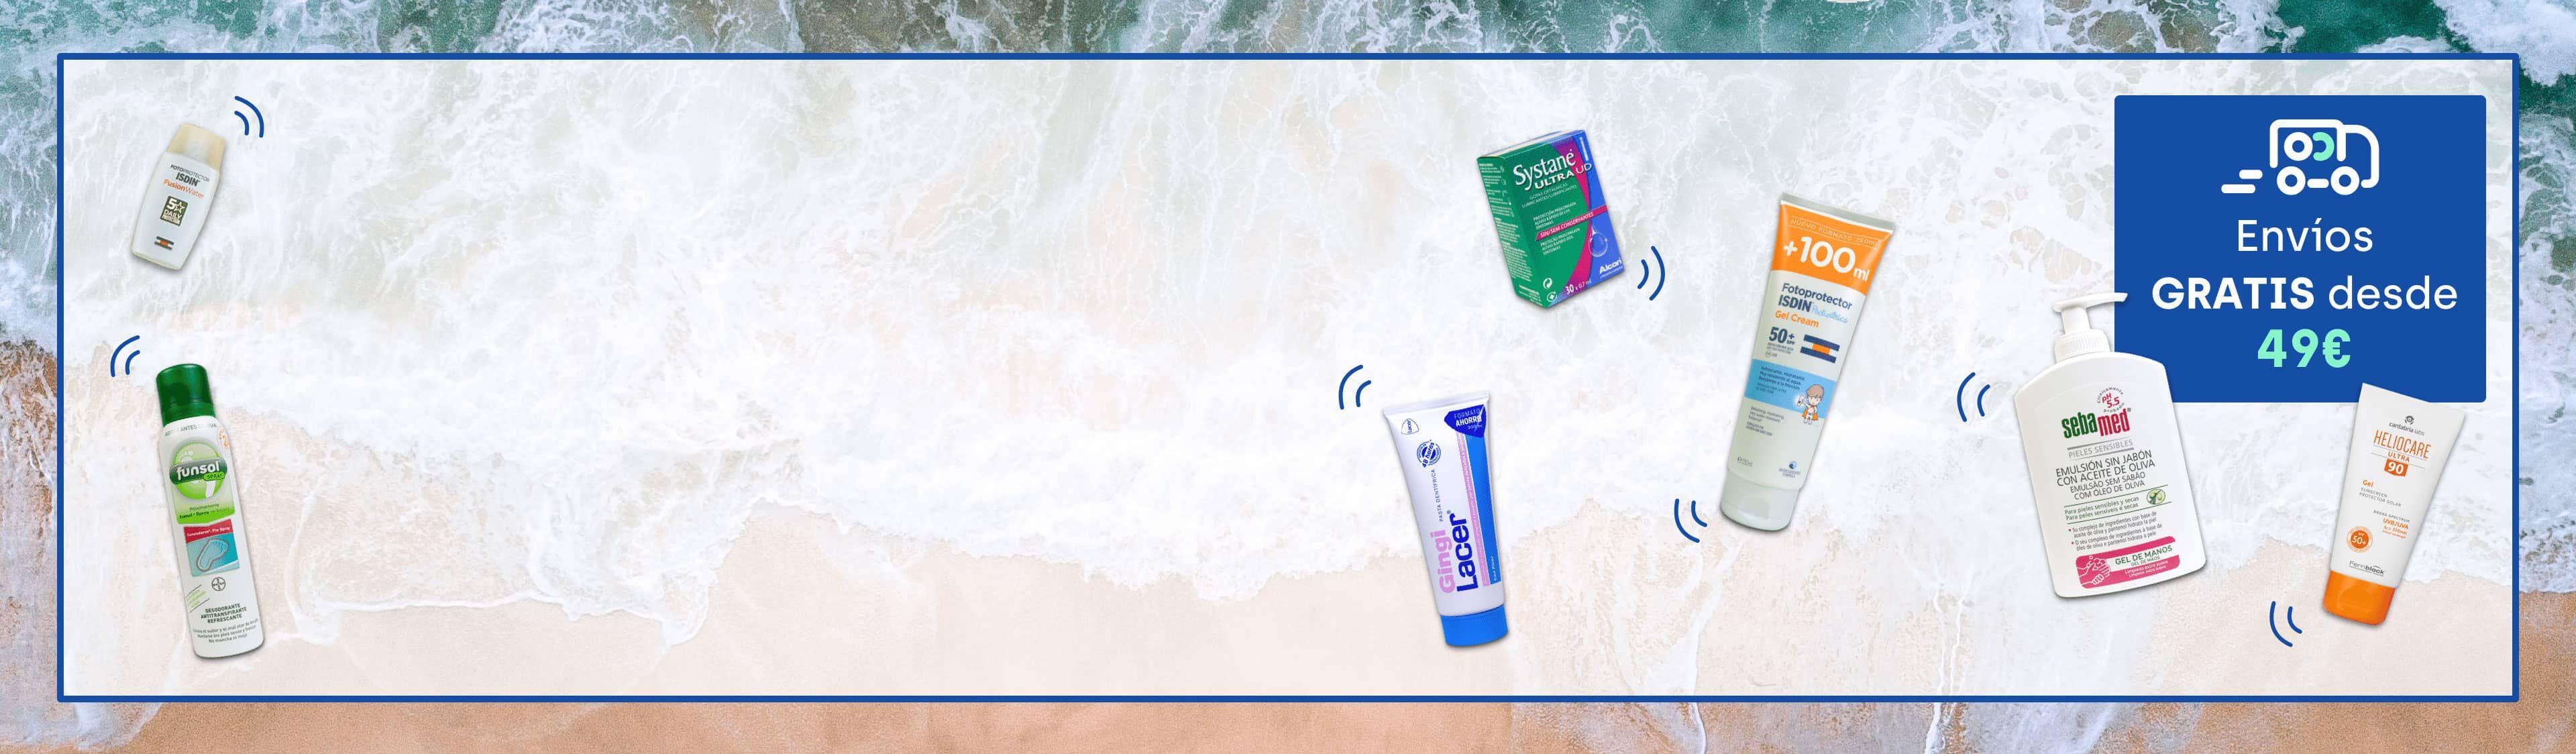 Productos de parafarmacia para tu mejor verano